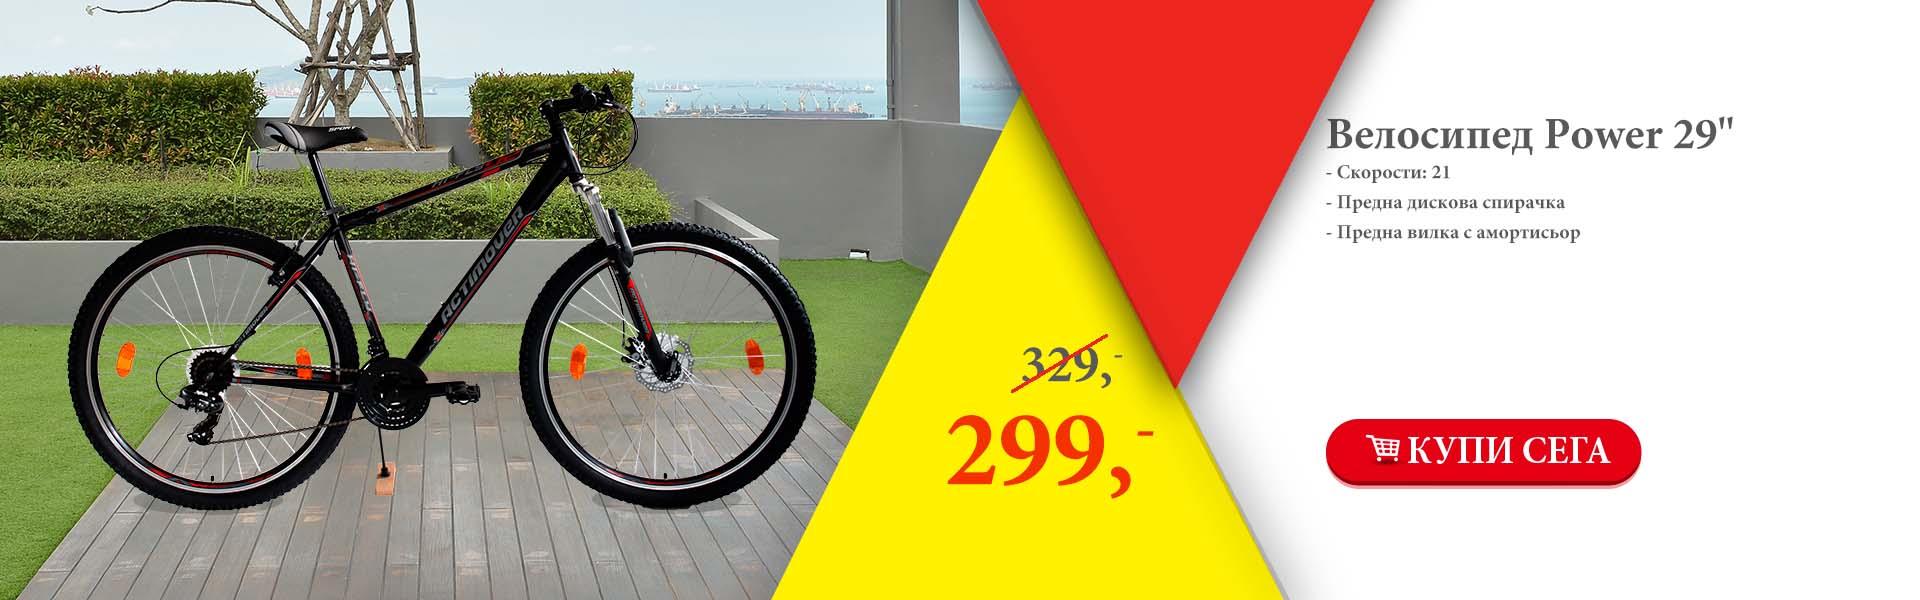 """Велосипед Power 29"""""""